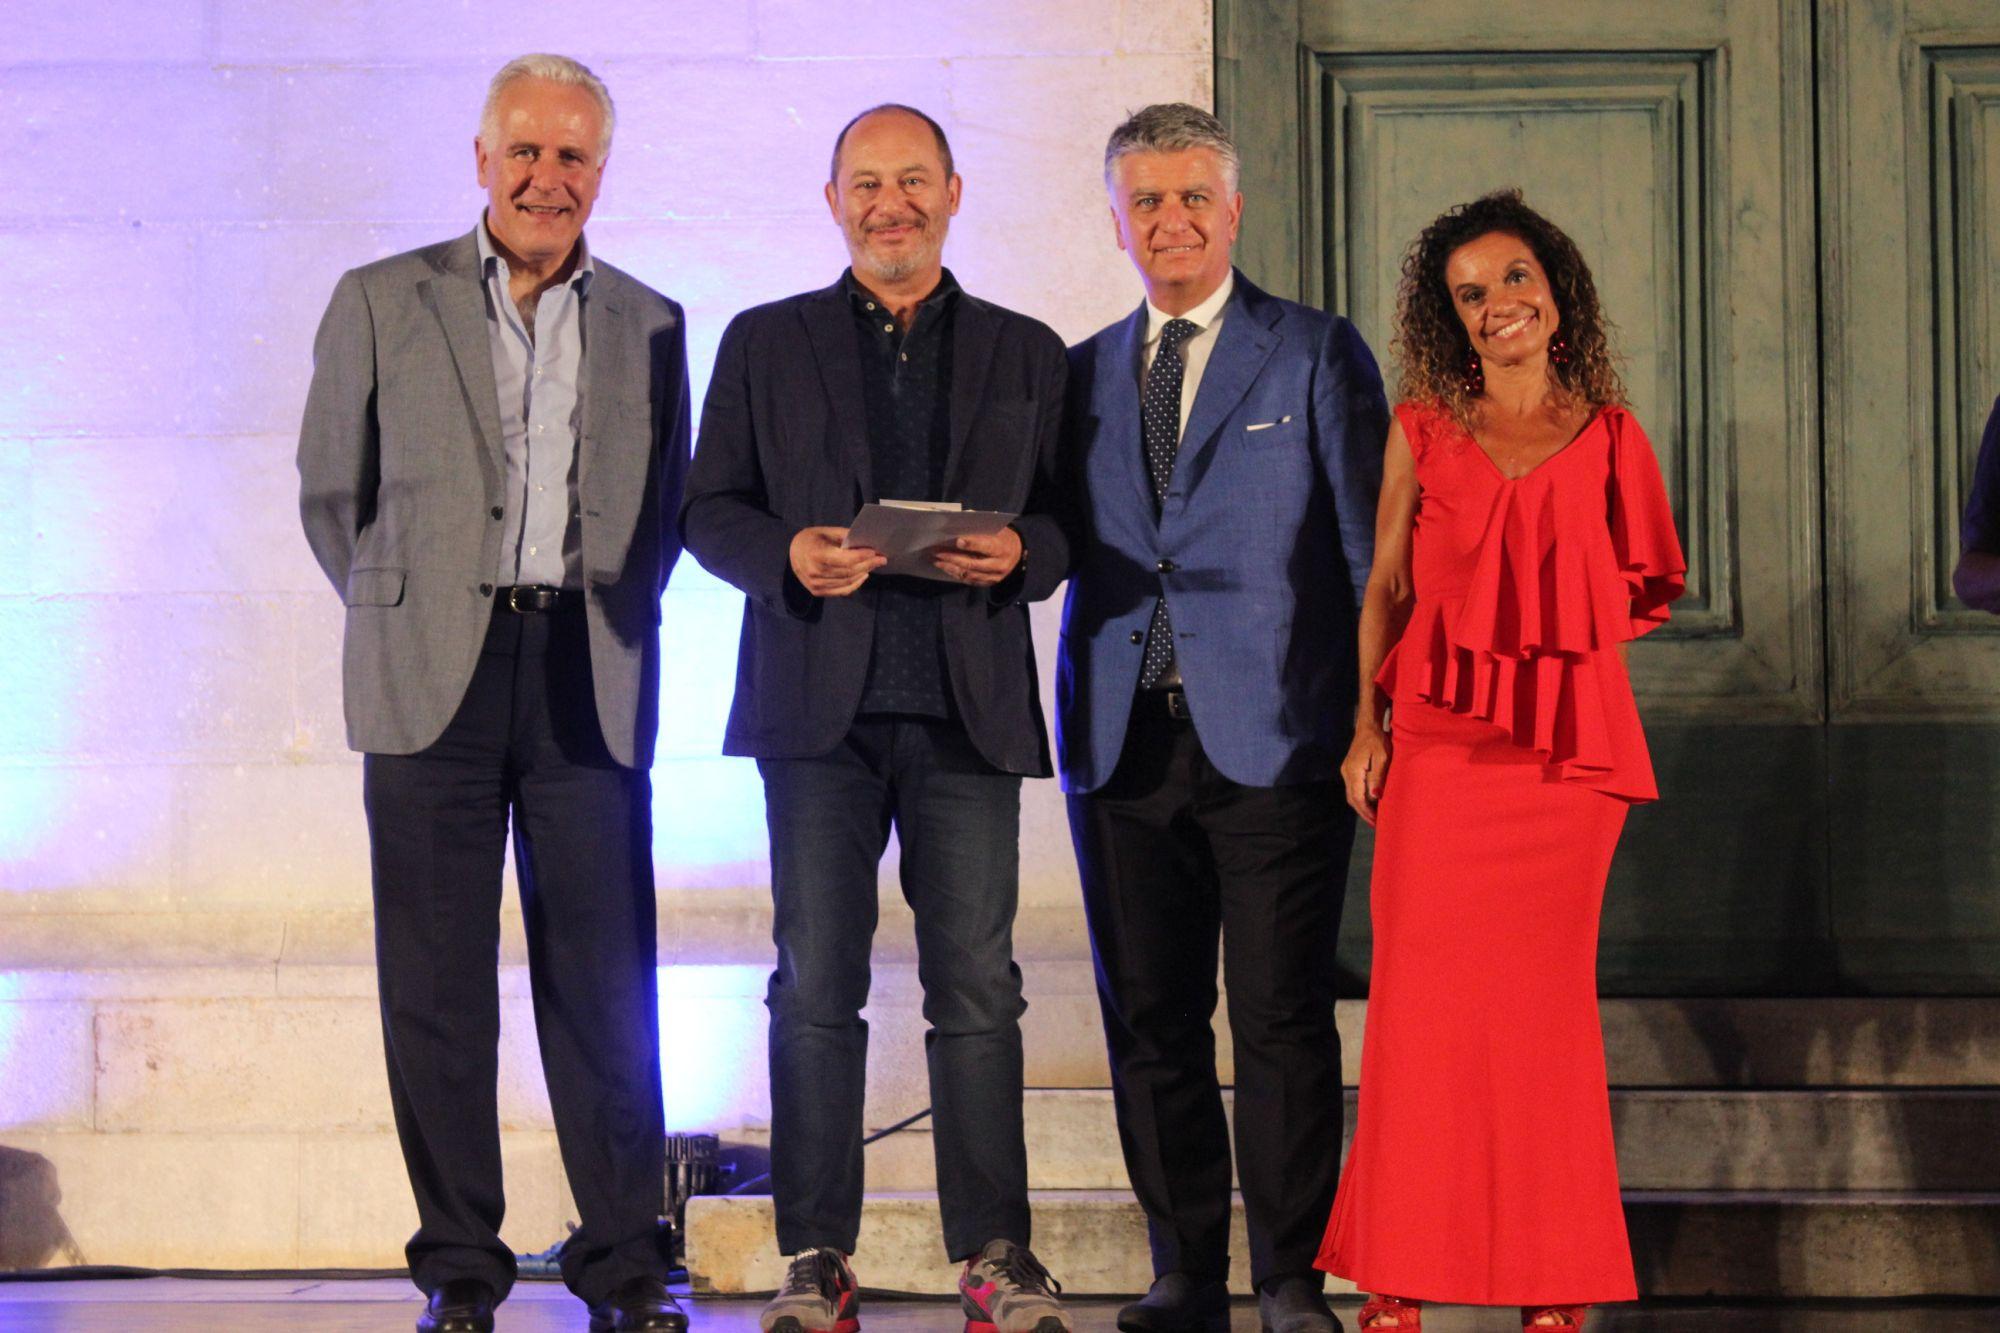 Foto premiazione Gian Maria Villalta con Giani, Mallegni e Cipriani